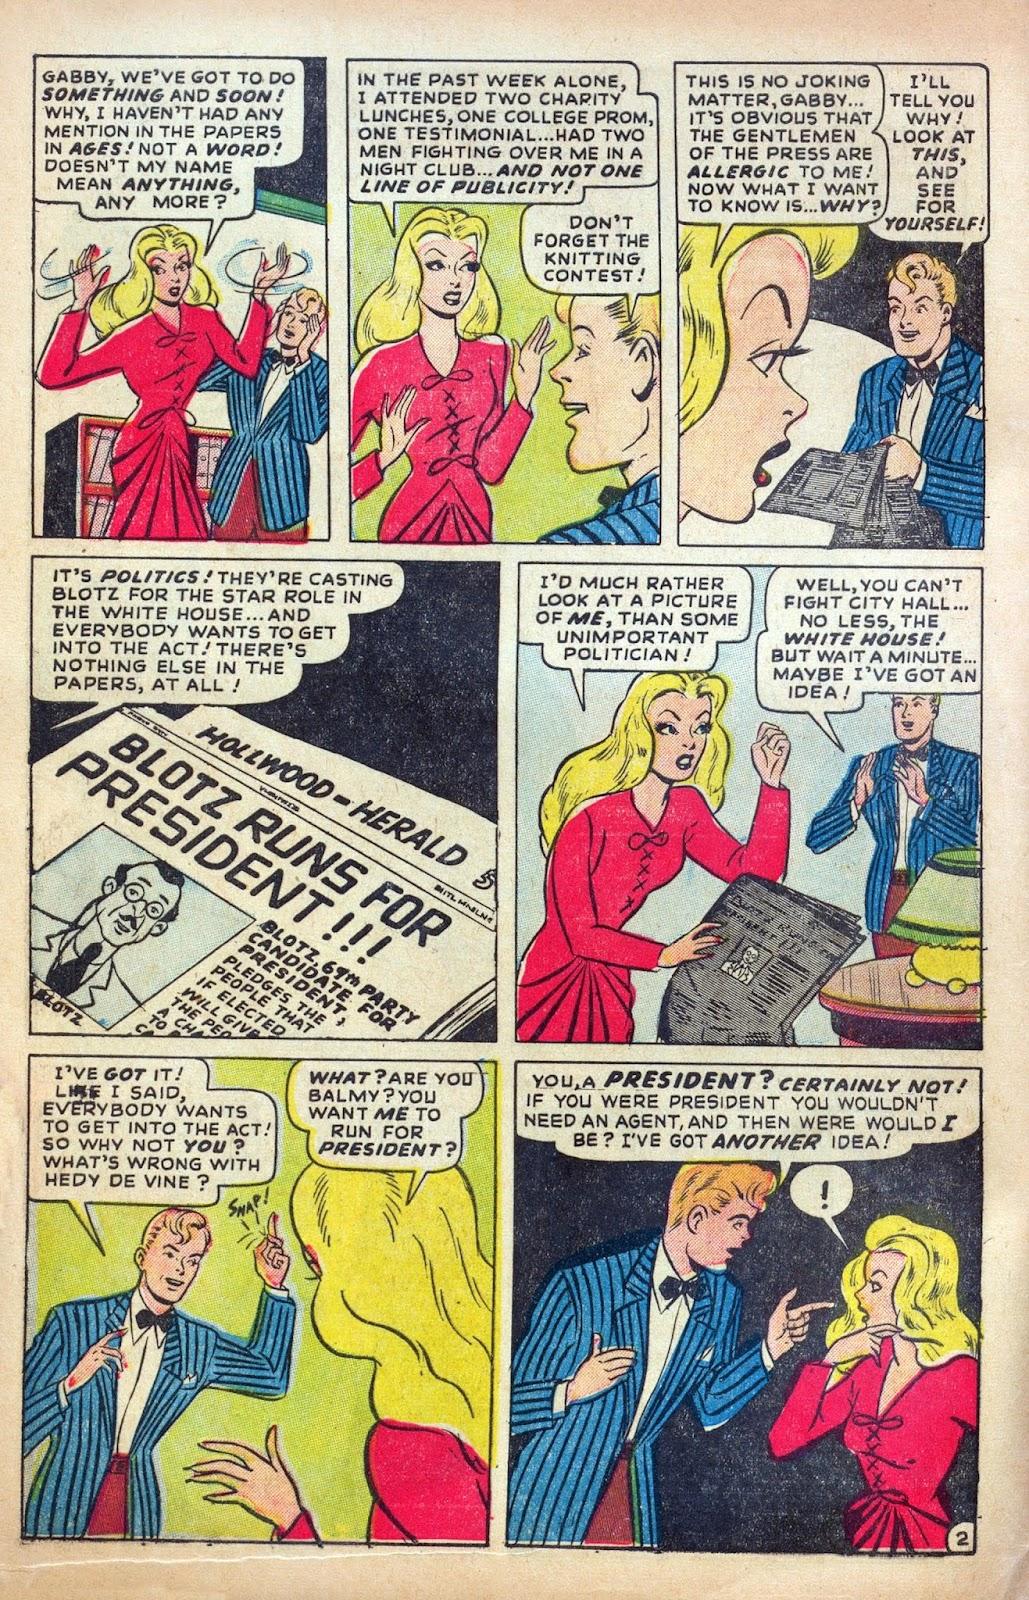 Hedy De Vine Comics issue 31 - Page 4